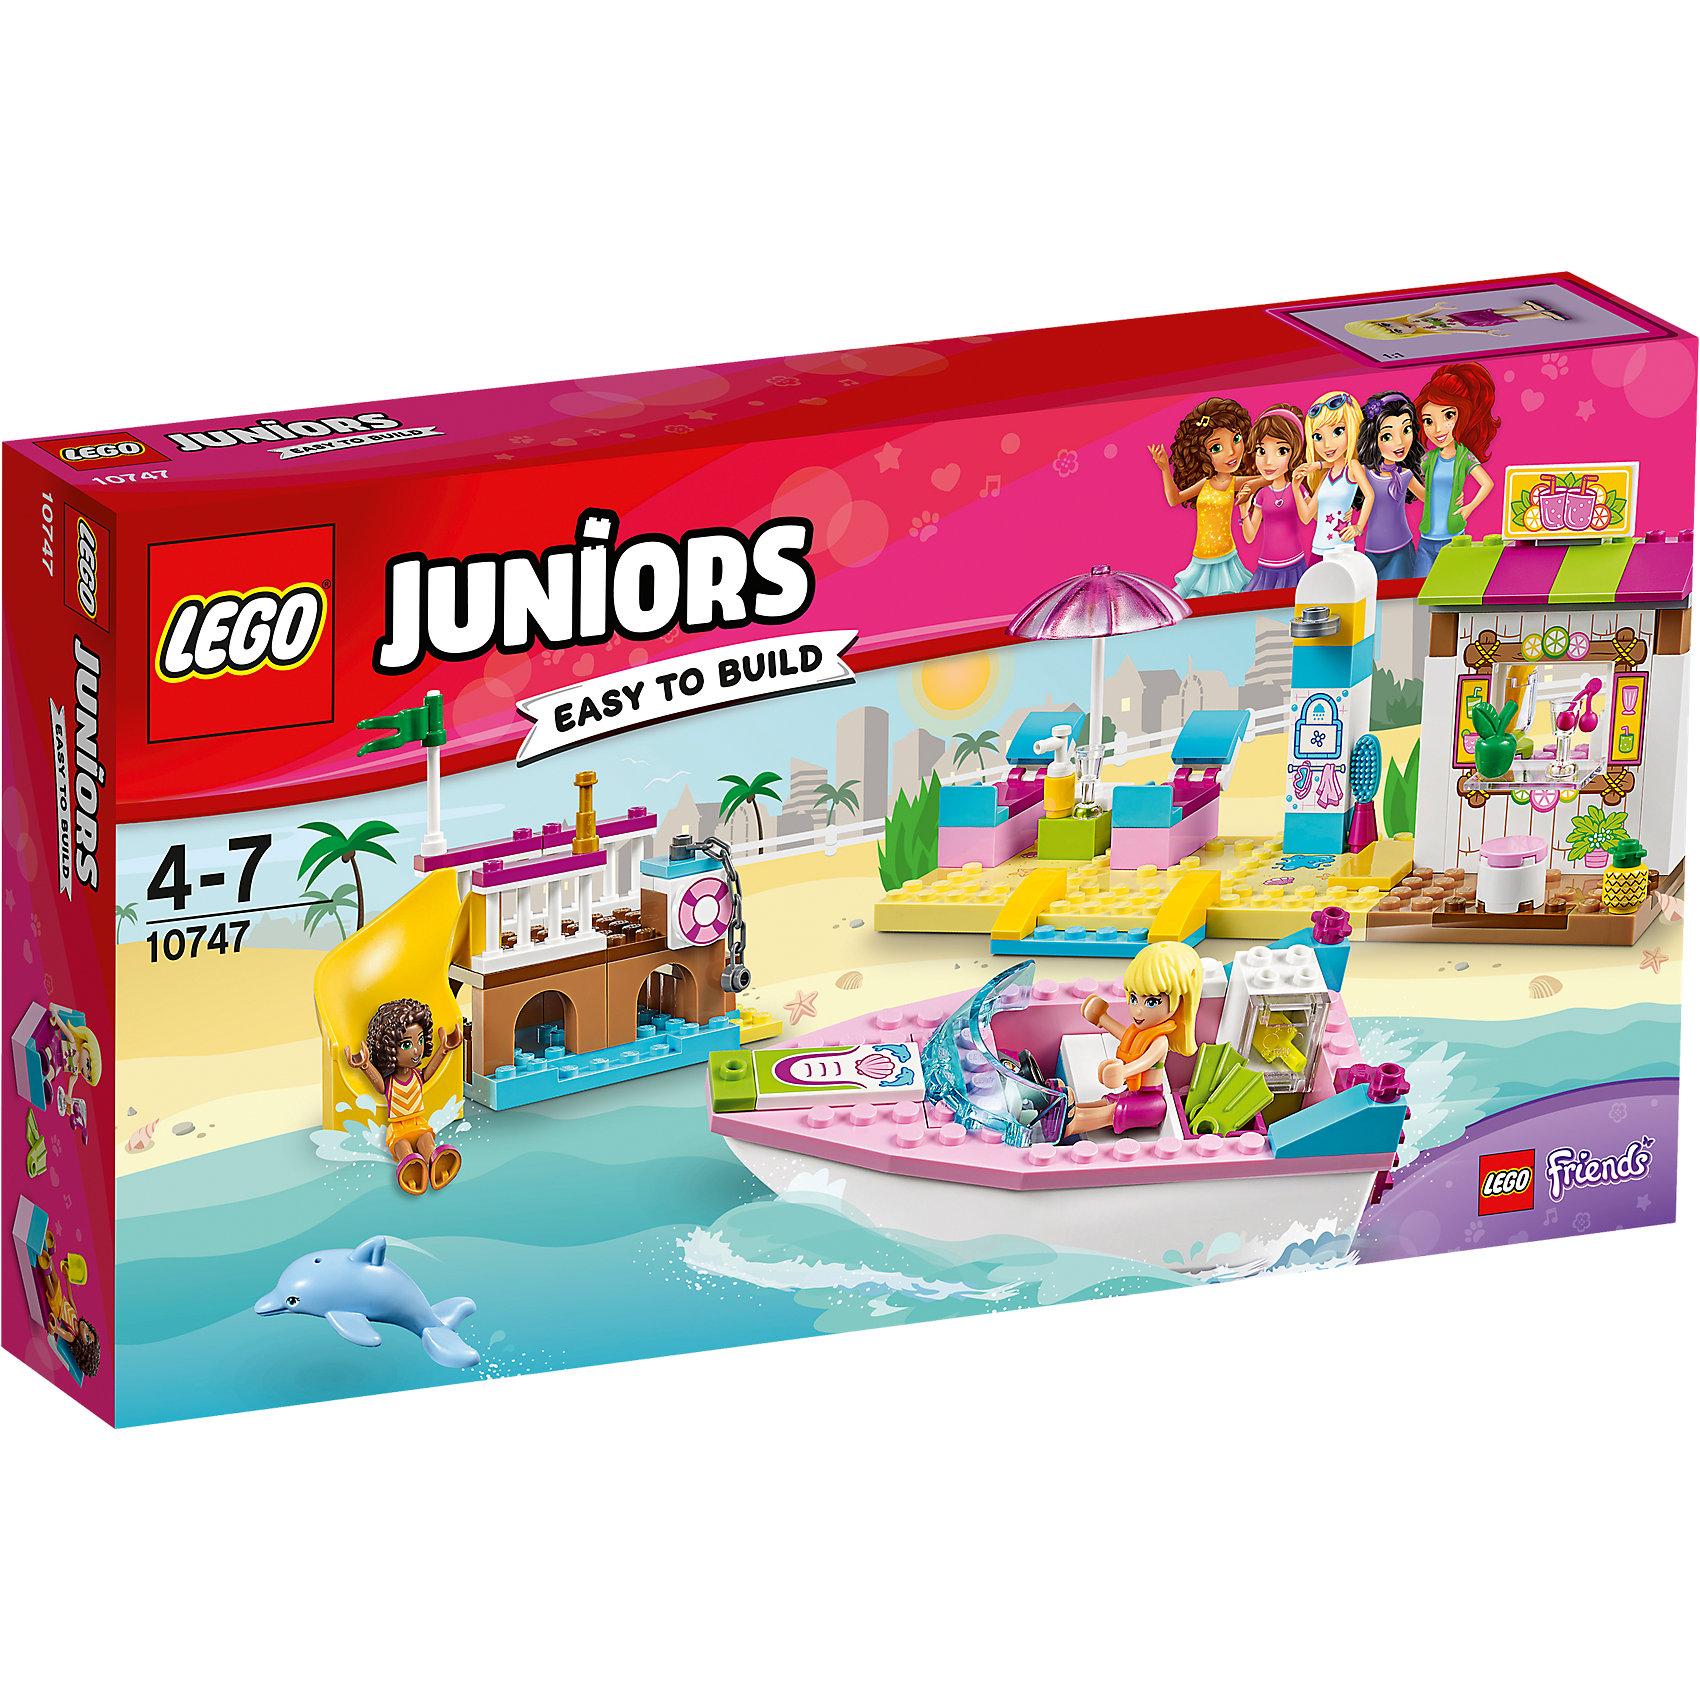 LEGO Juniors 10747: День на пляже с Андреа и СтефаниПластмассовые конструкторы<br>LEGO Juniors 10747: День на пляже с Андреа и Стефани<br><br>Характеристики:<br><br>- в набор входит: детали катера, порта, магазинчиков, 2 фигурки девочек, аксессуары, красочная инструкция<br>- состав: пластик<br>- количество деталей: 143 <br>- размер упаковки: 35 * 7 * 19 см.<br>- размер катера: 13 * 4 * 6 см.<br>- размер порта: 12 * 6 * 9 см.<br>- размер магазинчиков: 19 * 6 * 9 см.<br>- для детей в возрасте: от 4 до 7 лет<br>- Страна производитель: Дания/Китай/Чехия<br><br>Легендарный конструктор LEGO (ЛЕГО) представляет серию «Juniors» (Джуниорс) для новичков в строительстве из конструктора ЛЕГО. Набор День на пляже с Андреа и Стефани в себя все необходимое для игры в поход на пляж. Две куколки Андреа и Стефани представлены в пляжных нарядах, они взяли с собой лосьон для загара, немного денег, любимые ласты для плавания и оправились на пляж. На берегу их ждут удобные шезлонги под зонтиком, летний душ и кафе с напитками. Неподалеку расположен порт с винтовой горкой для прыжков в воду. У пирса пришвартован красивый розовый катер с жилетами безопасности на борту. В своем путешествии на катере девочки встретили настоящего дельфина и подружились с ним! Завтра они вернутся на пляж чтобы поиграть с новым другом снова. Играя с конструктором ребенок развивает моторику рук, воображение и логическое мышление. Придумывайте новые игры с набором LEGO «Juniors»!<br><br>Конструктор LEGO Juniors 10747: День на пляже с Андреа и Стефани можно купить в нашем интернет-магазине.<br><br>Ширина мм: 359<br>Глубина мм: 190<br>Высота мм: 63<br>Вес г: 424<br>Возраст от месяцев: 48<br>Возраст до месяцев: 84<br>Пол: Женский<br>Возраст: Детский<br>SKU: 5002521